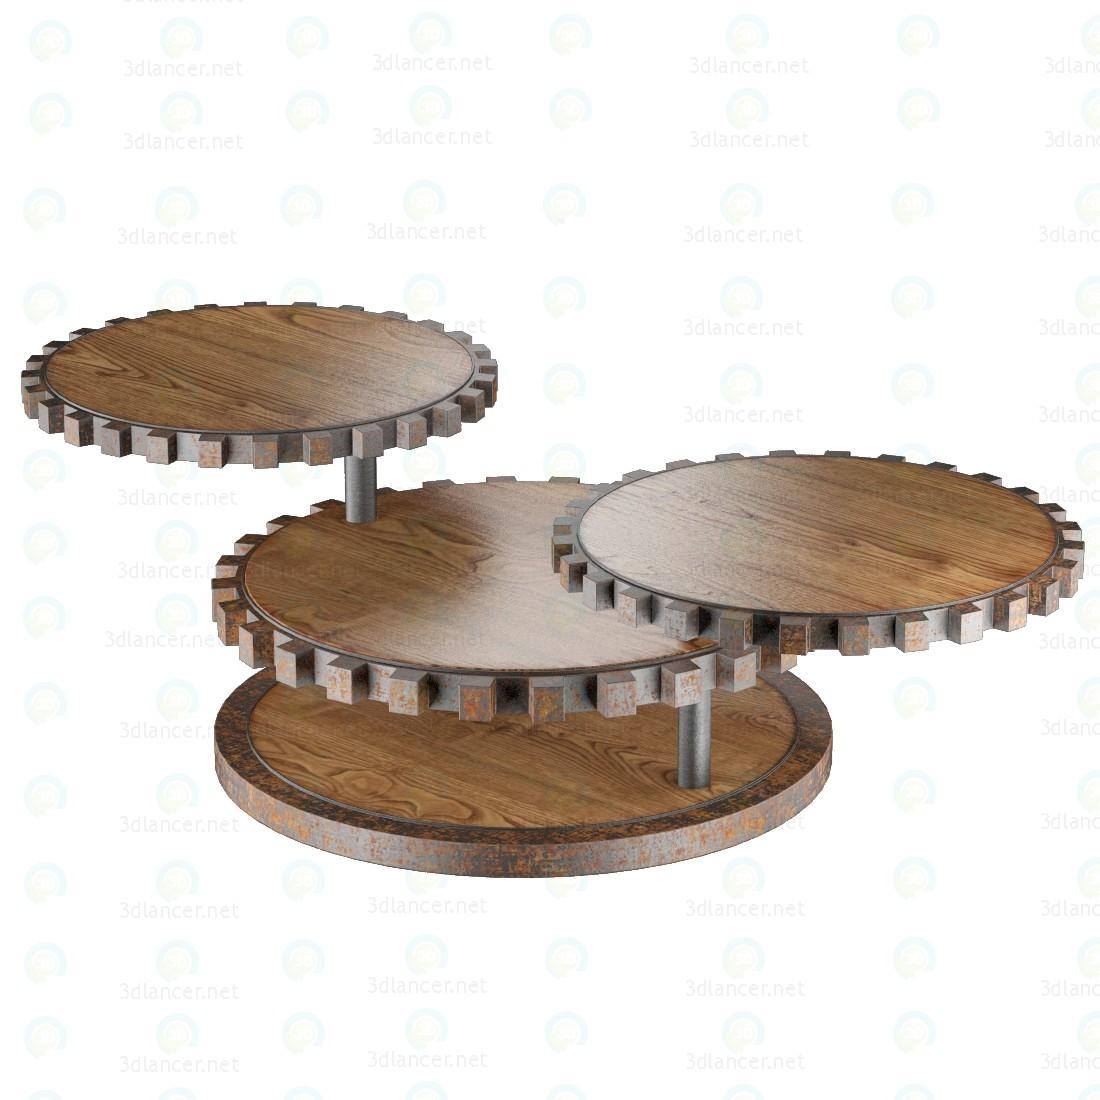 3d Звездочки столик модель купить - ракурс